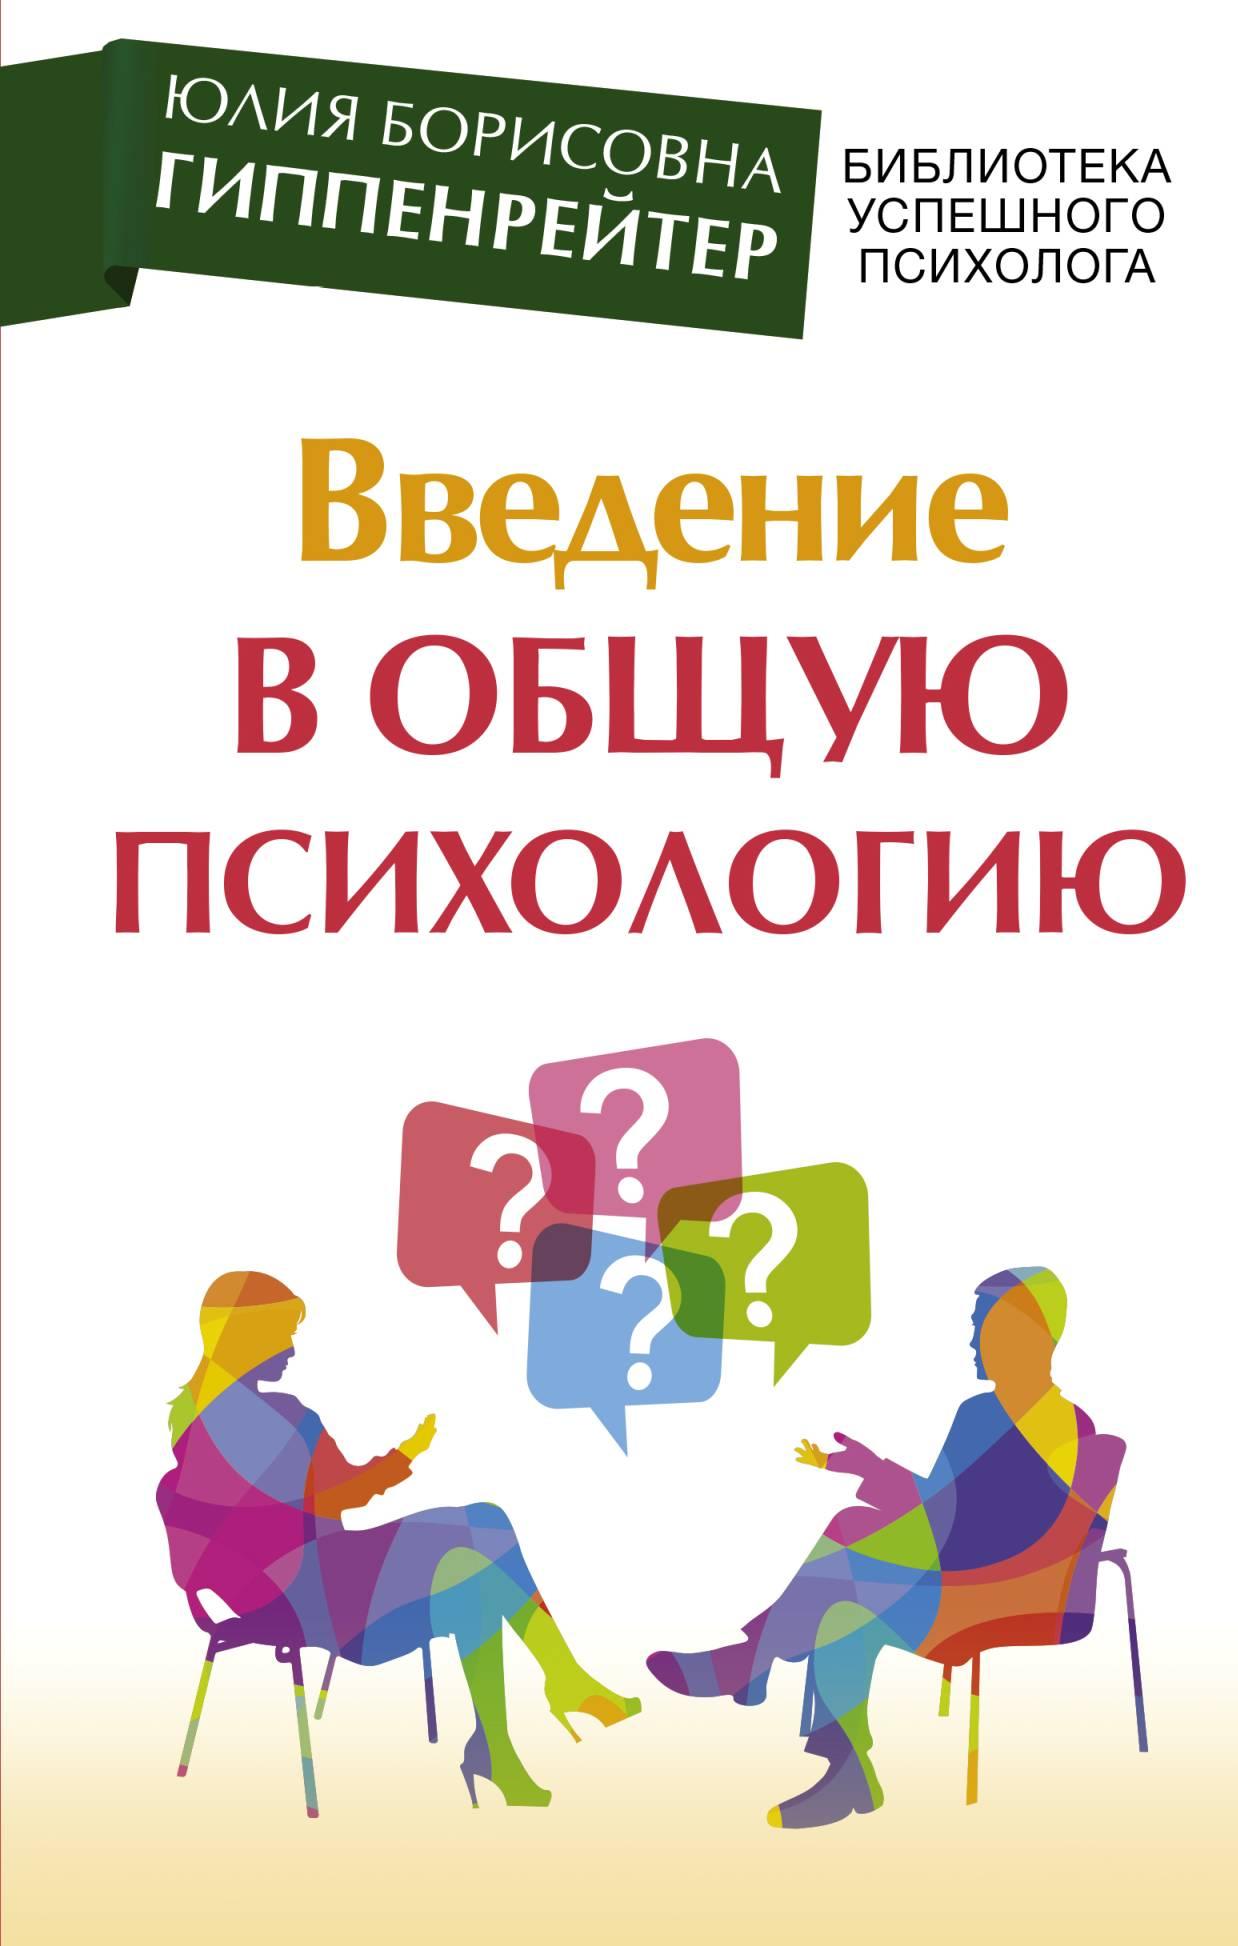 Юлия Гиппенрейтер Введение в общую психологию: курс лекций гиппенрейтер ю введение в общую психологию